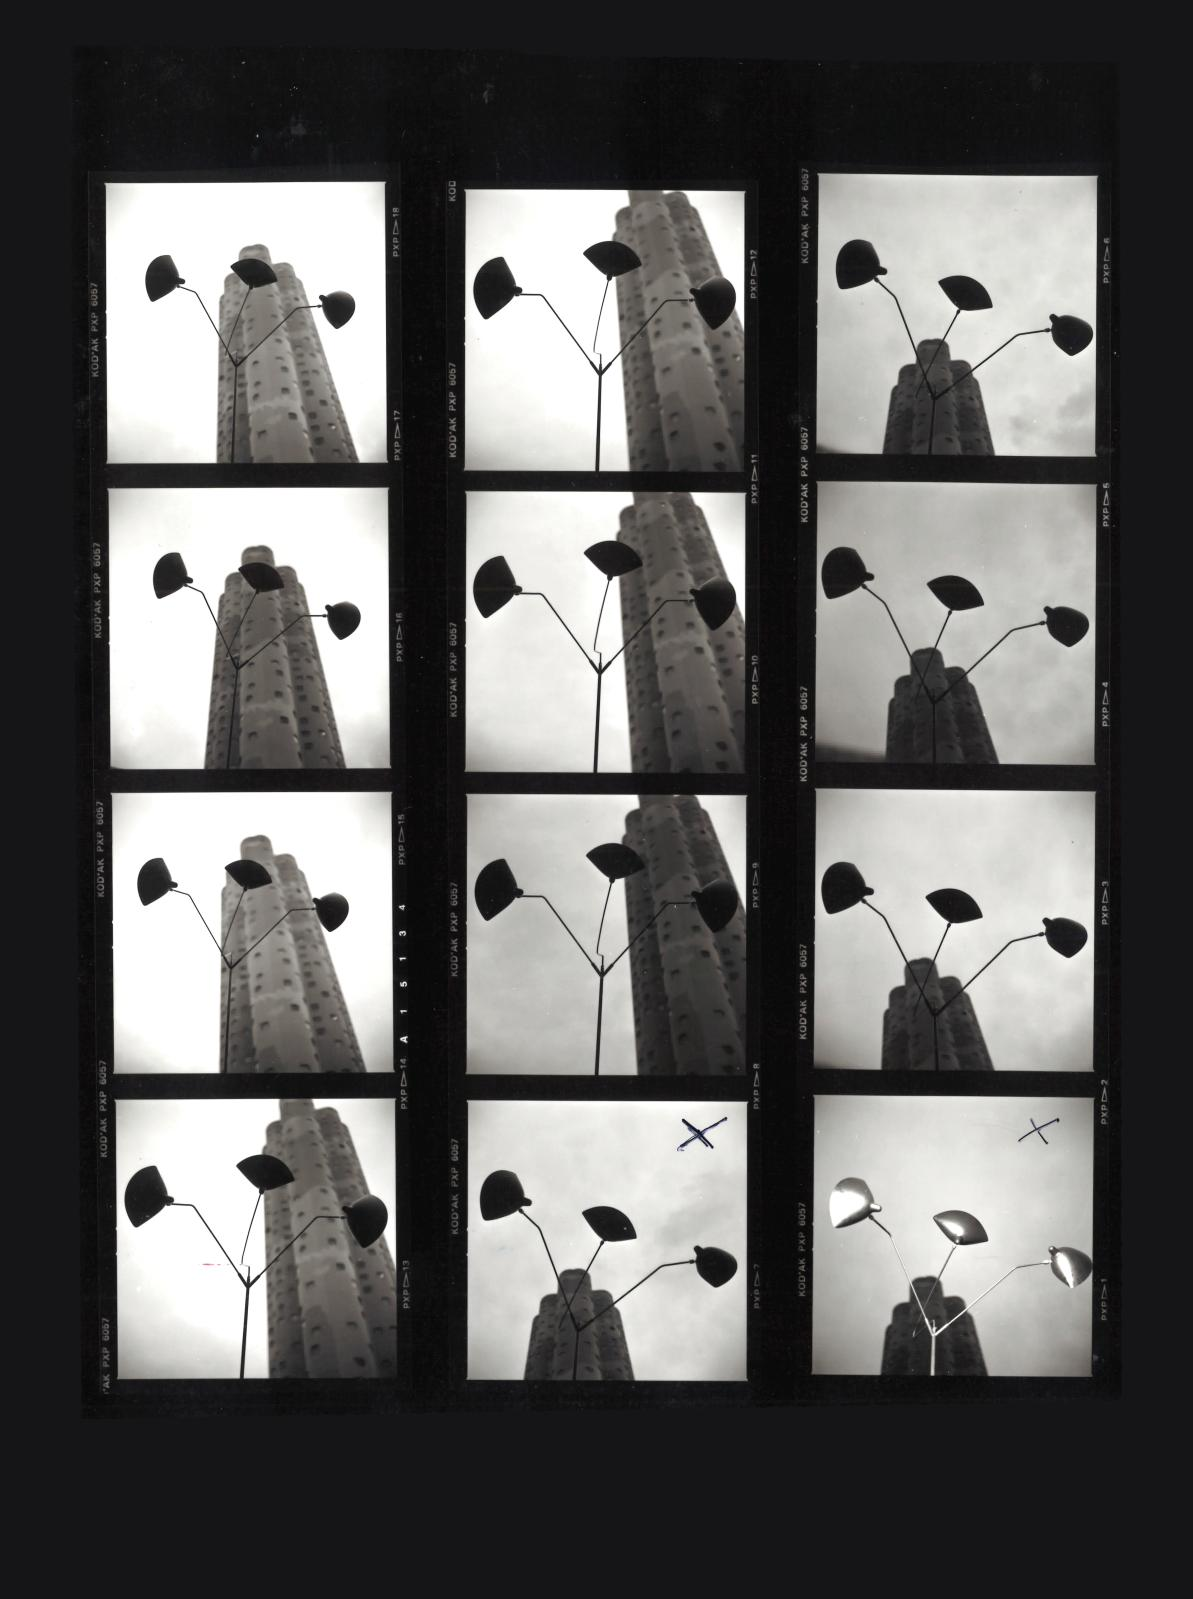 Lampadaire Trois bras de Serge Mouille photographié par RIchard Pilt avec, en arrière-plan, une tour Aillaud de Nanterre.